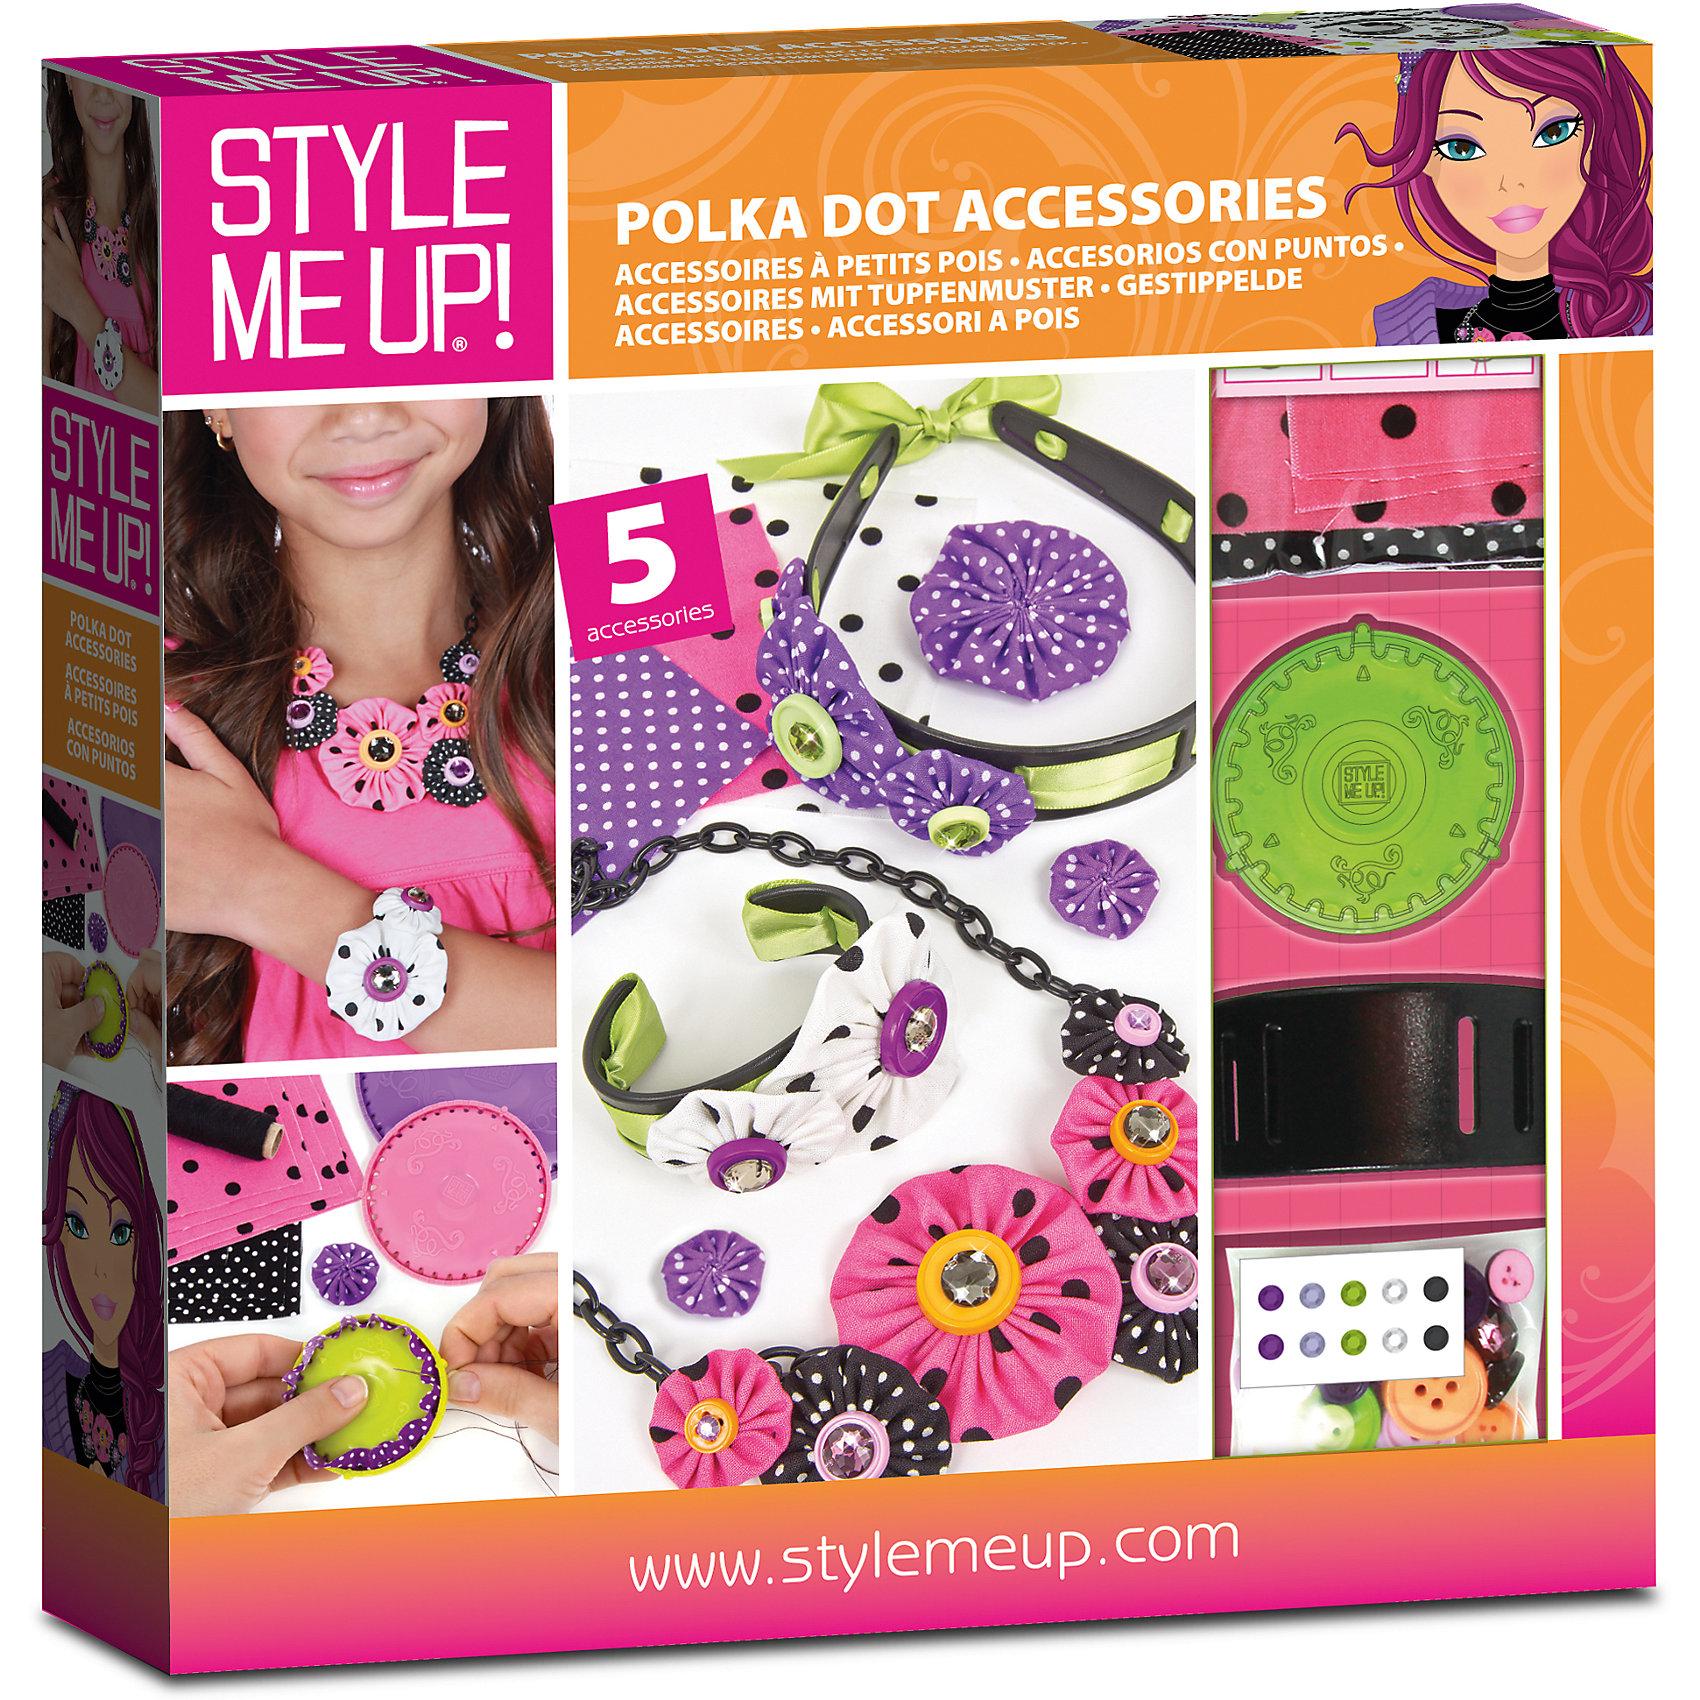 Style Me Up Аксессуары из тканей, STYLE ME UP купить аксессуары для изготовления постижерных изделий